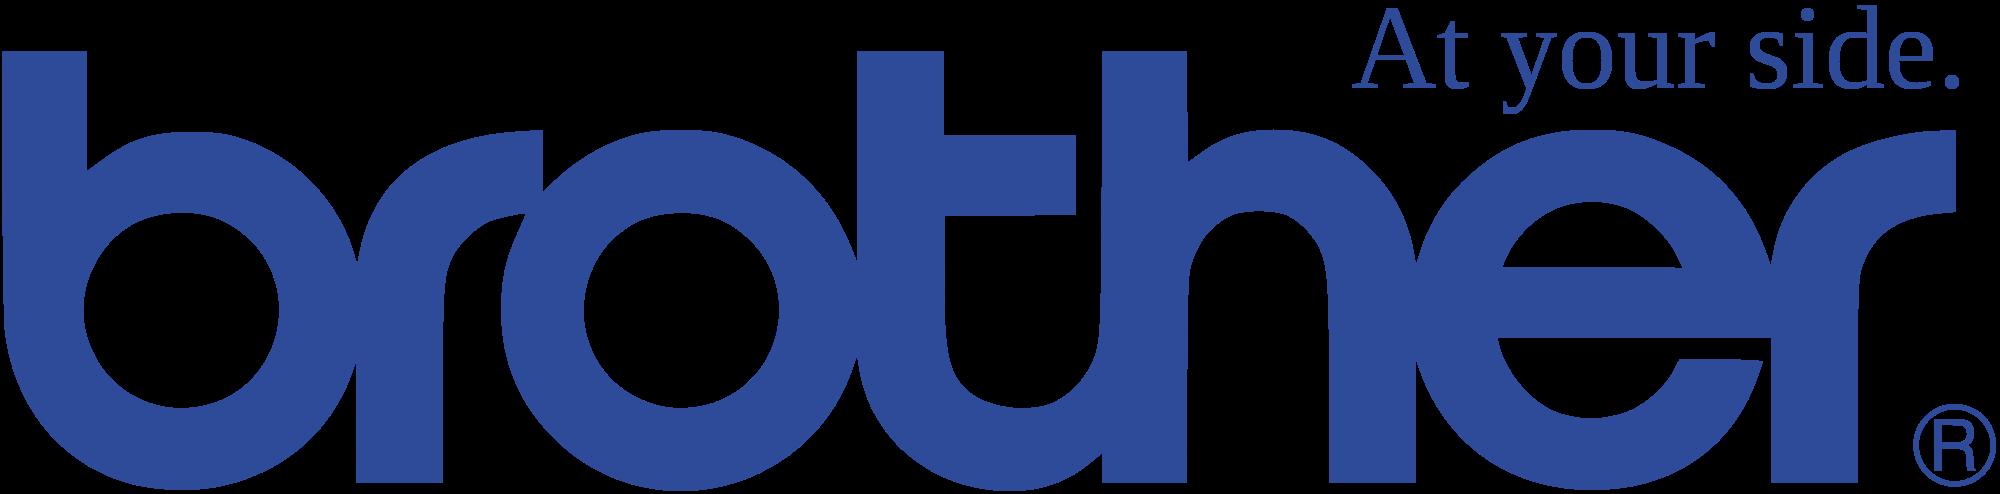 Brother Logos.